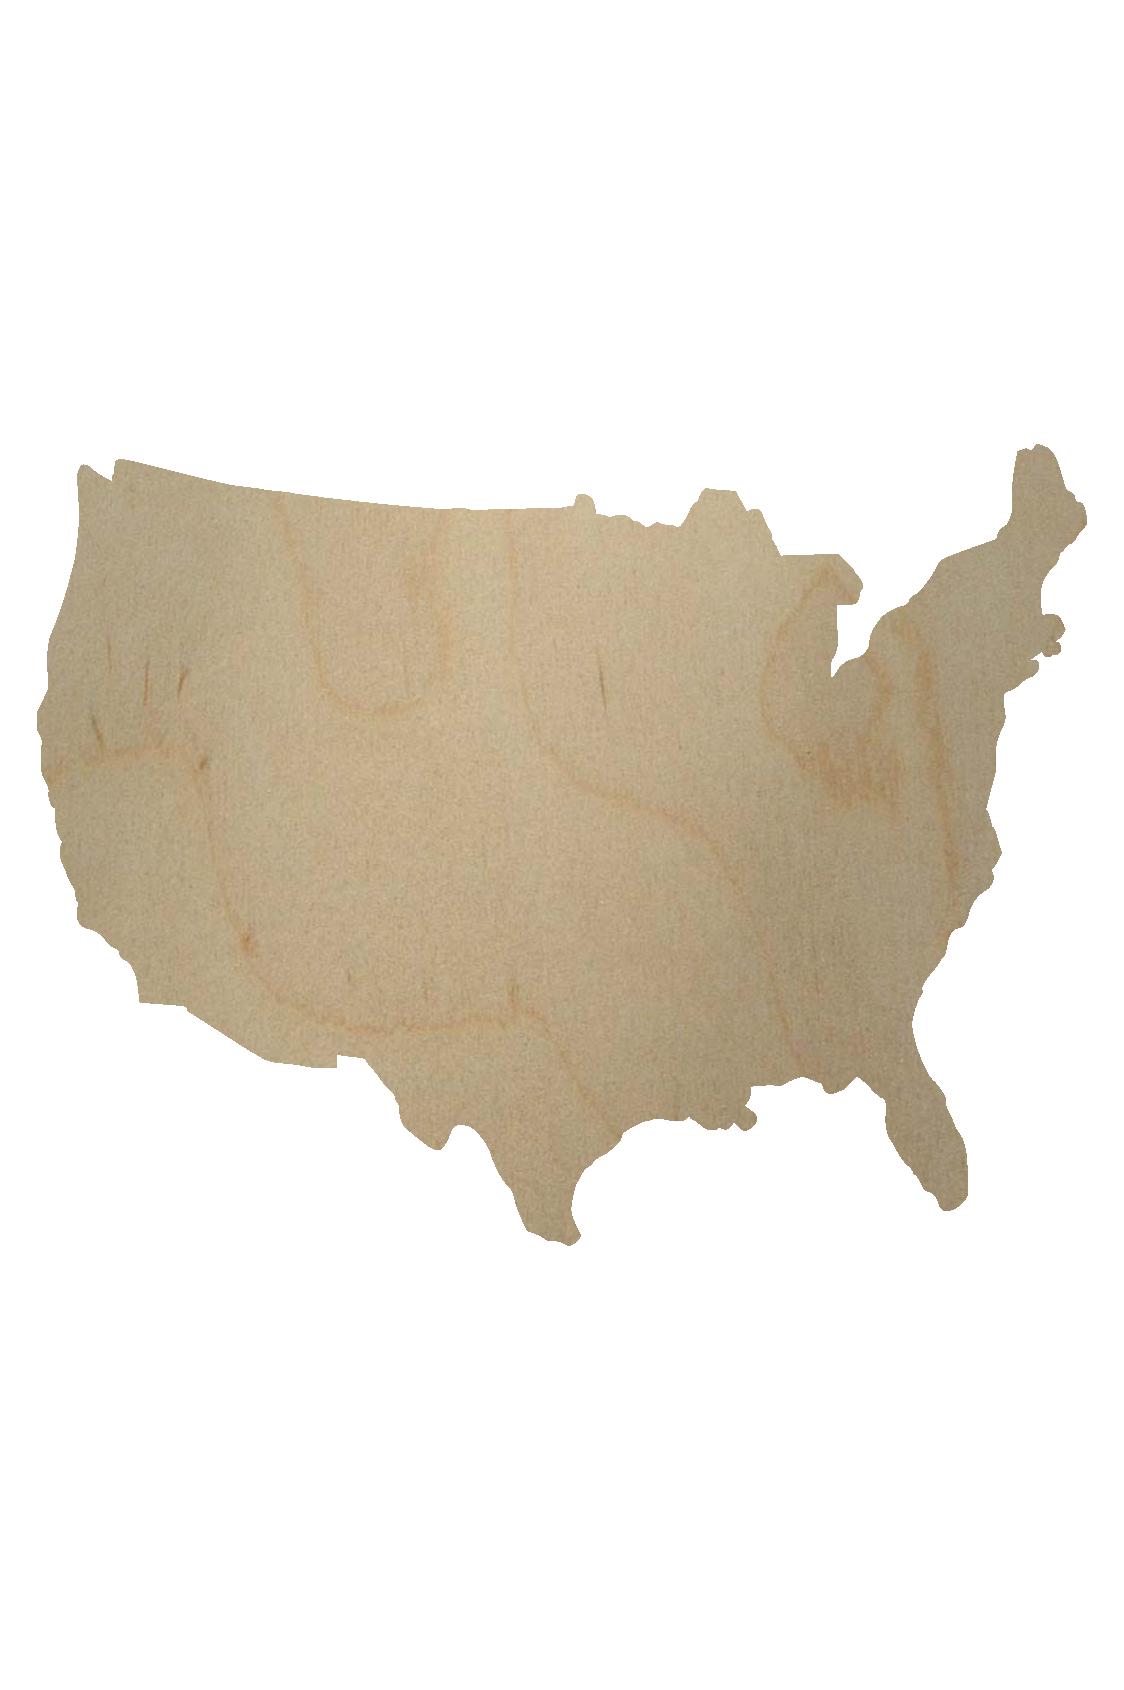 Crafting Wood Cutouts